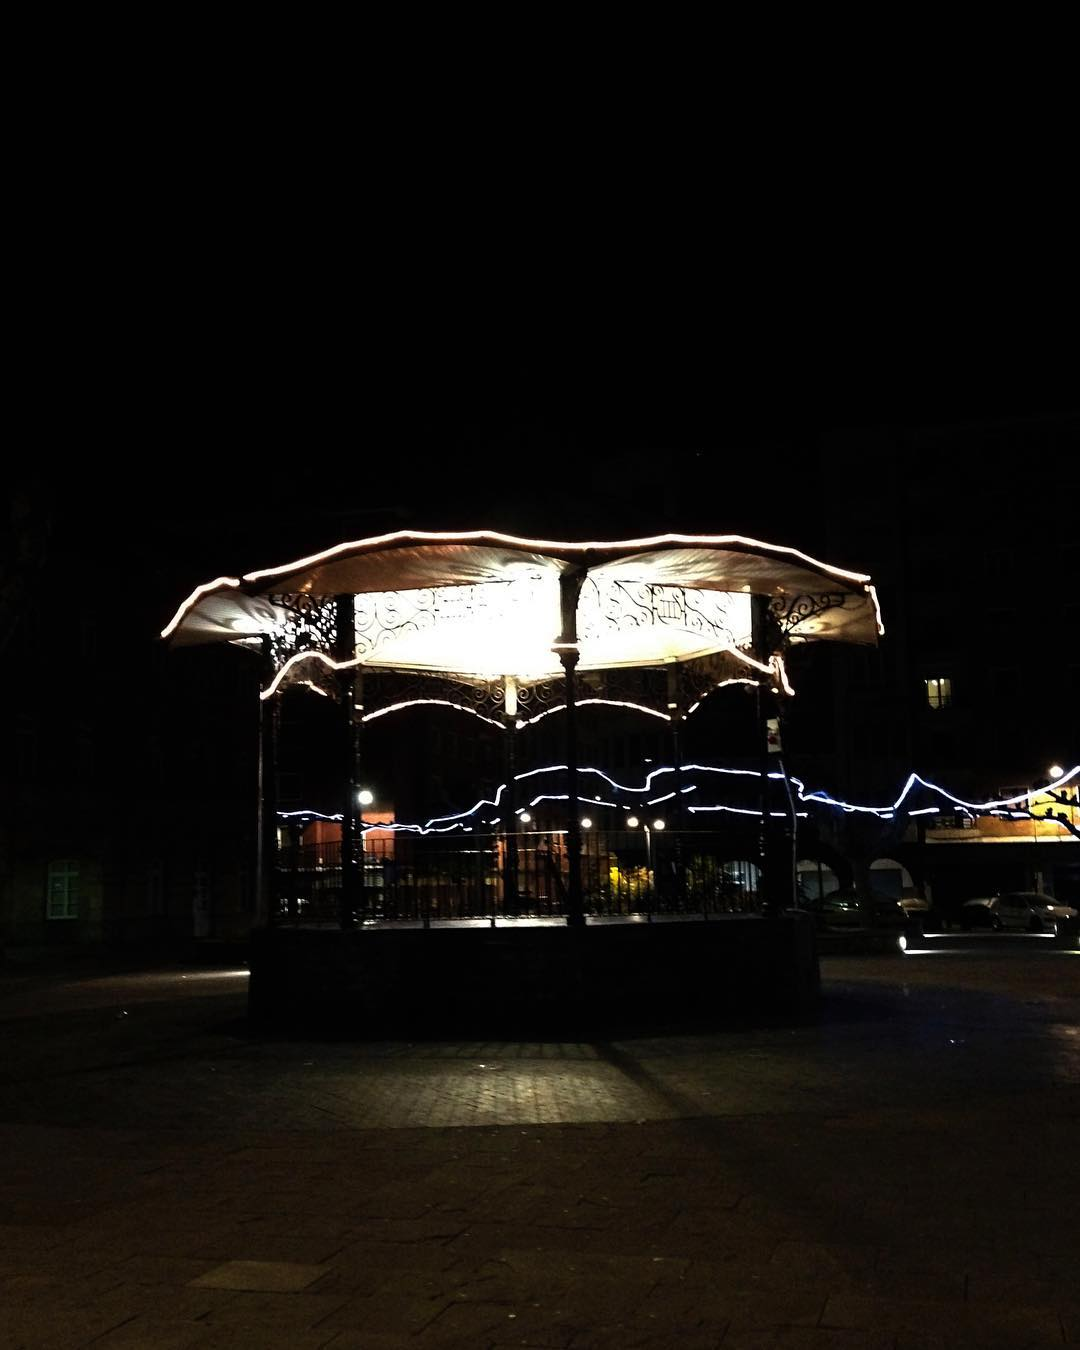 La noche en Erandio, kiosko - La Noche En Erandio, Kiosko